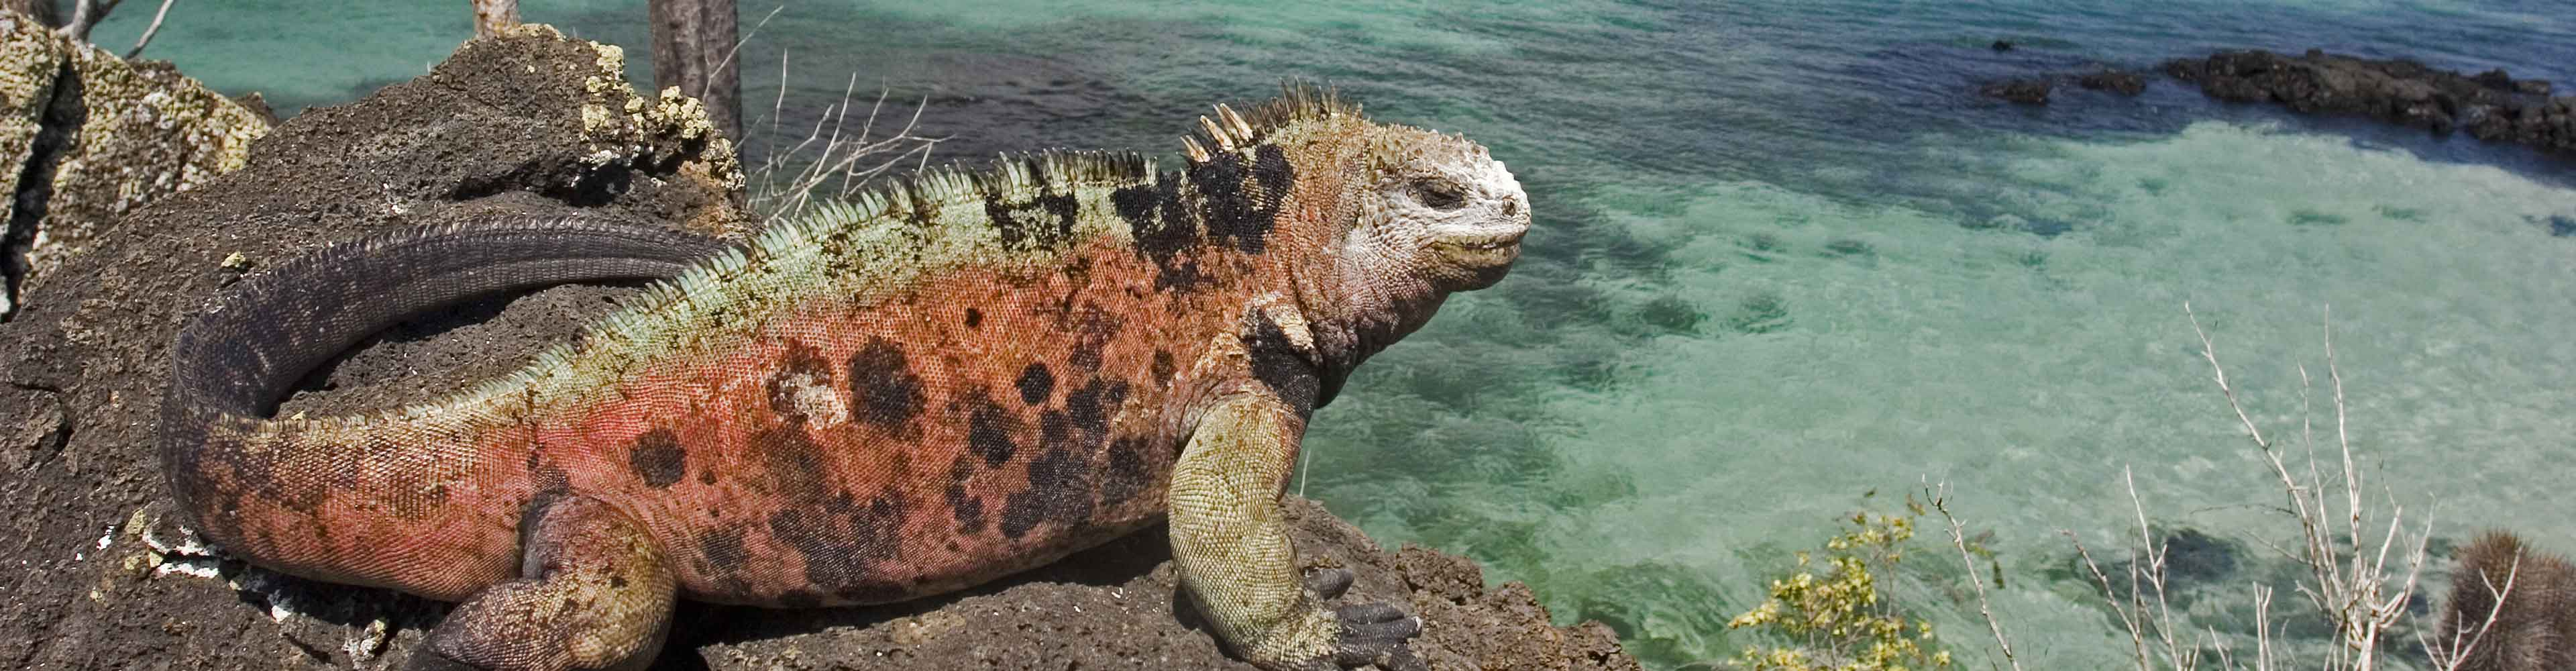 Galapagos Encounter: Southern Islands  (Grand Queen Beatriz)